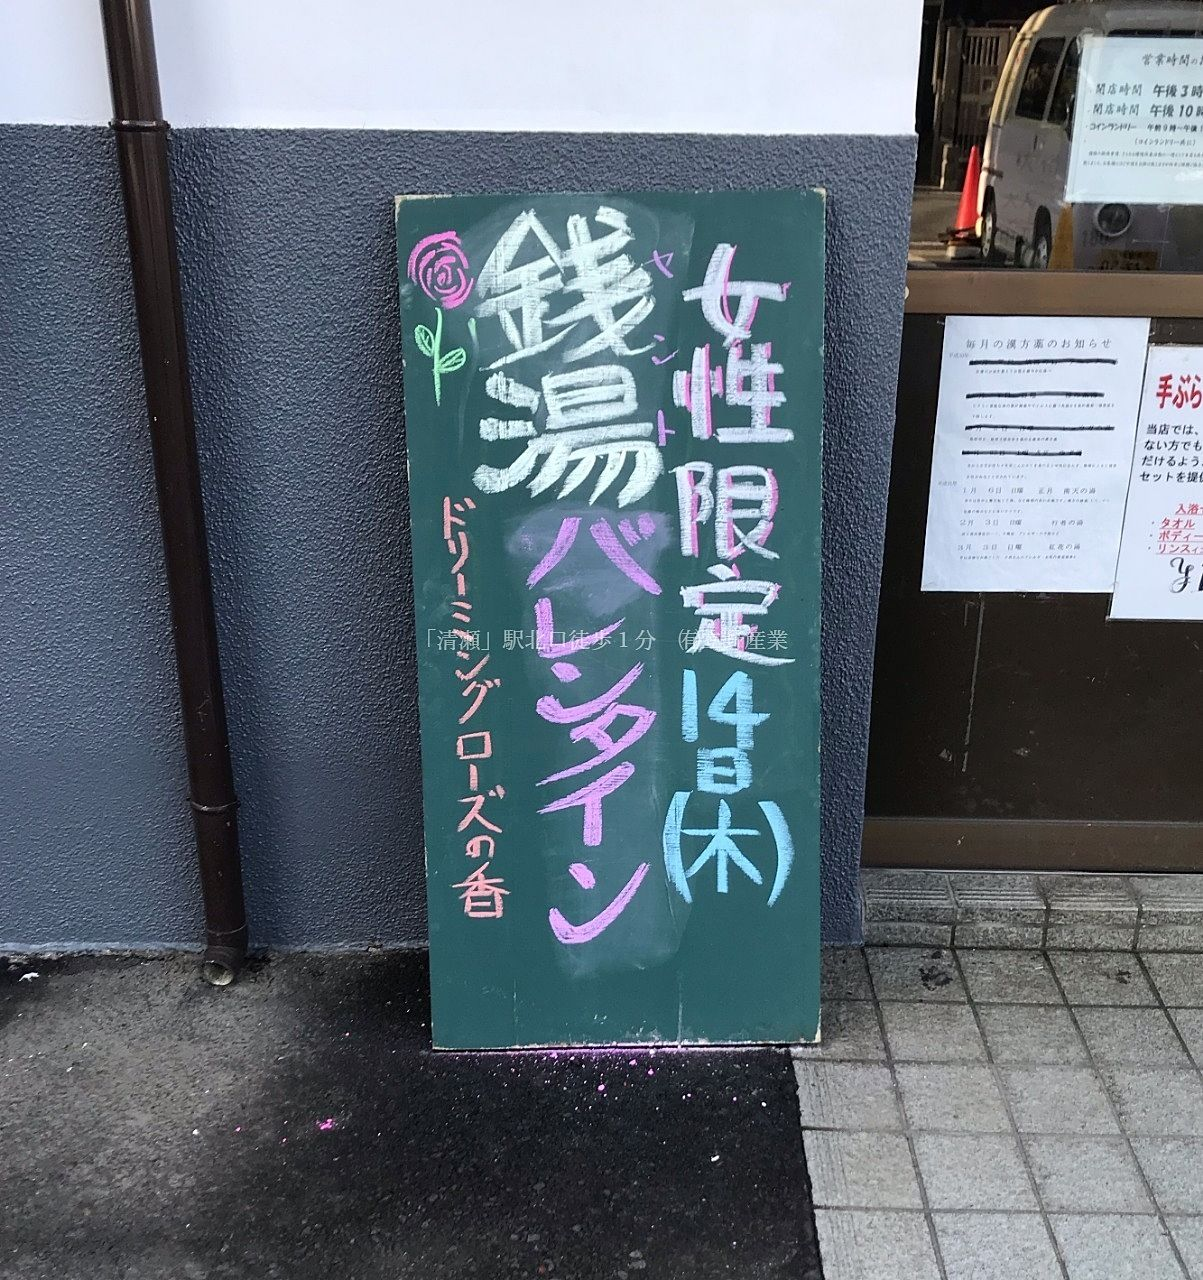 バレンタインイベント!?@清瀬北口「喜多の湯」